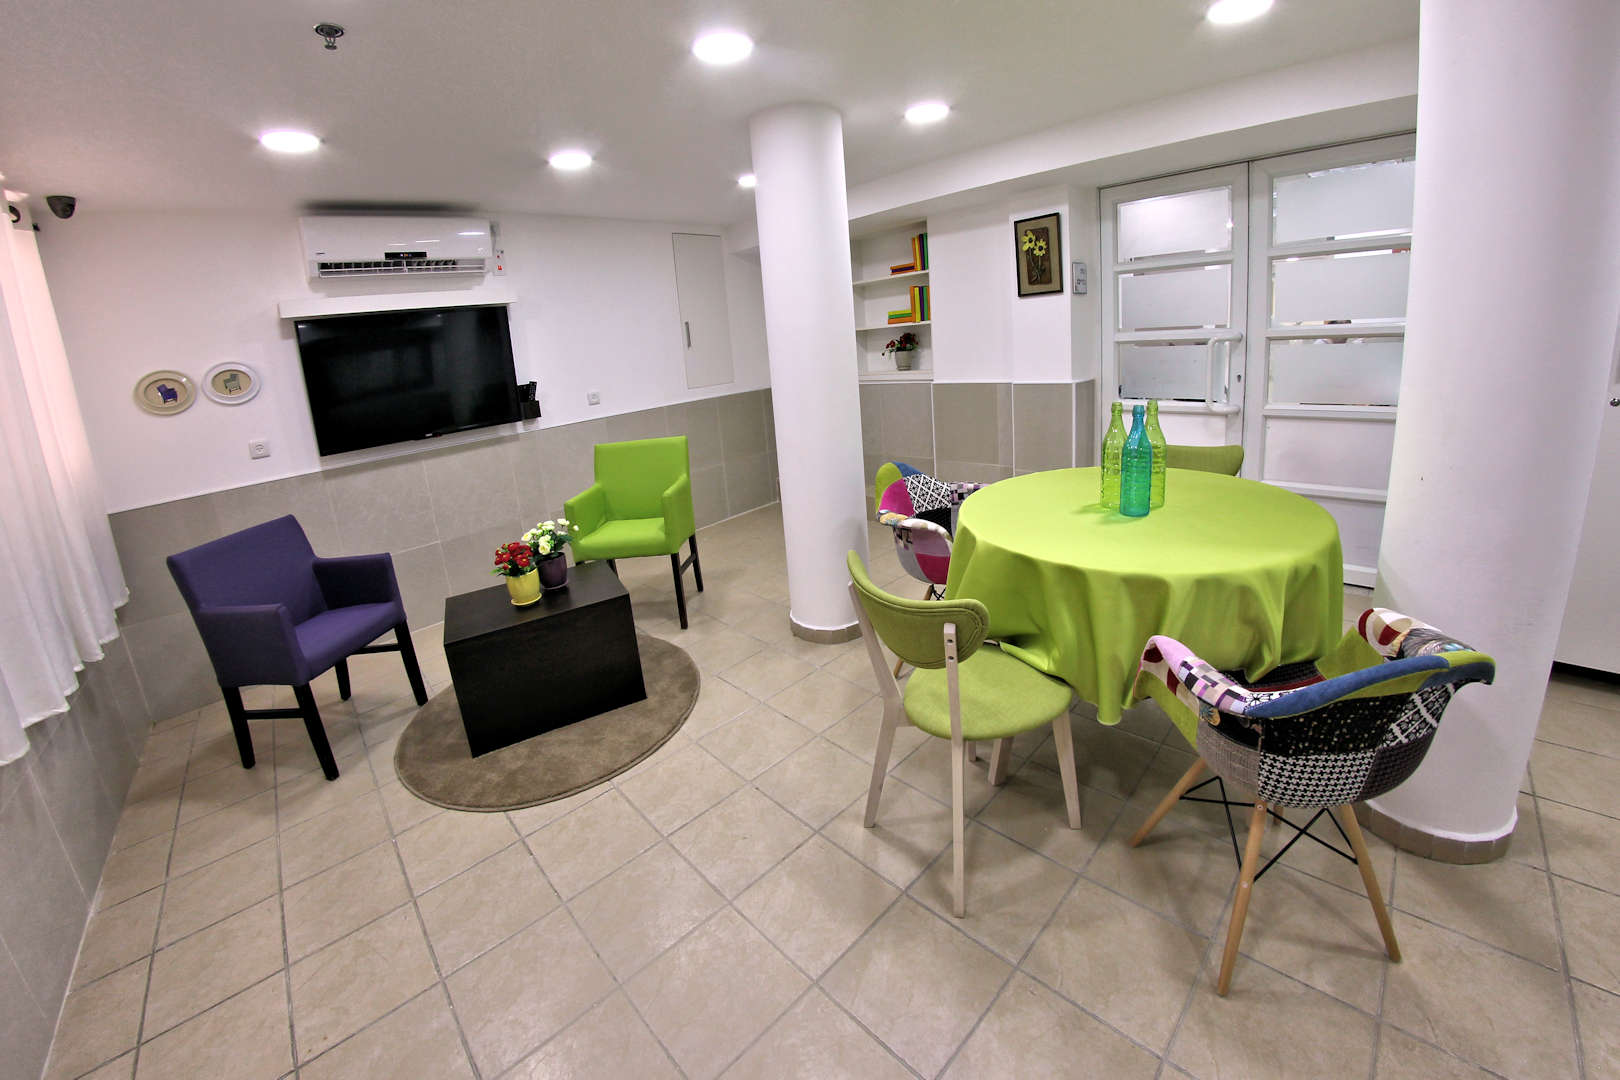 בית הורים בן יהודה בחיפה כניסה